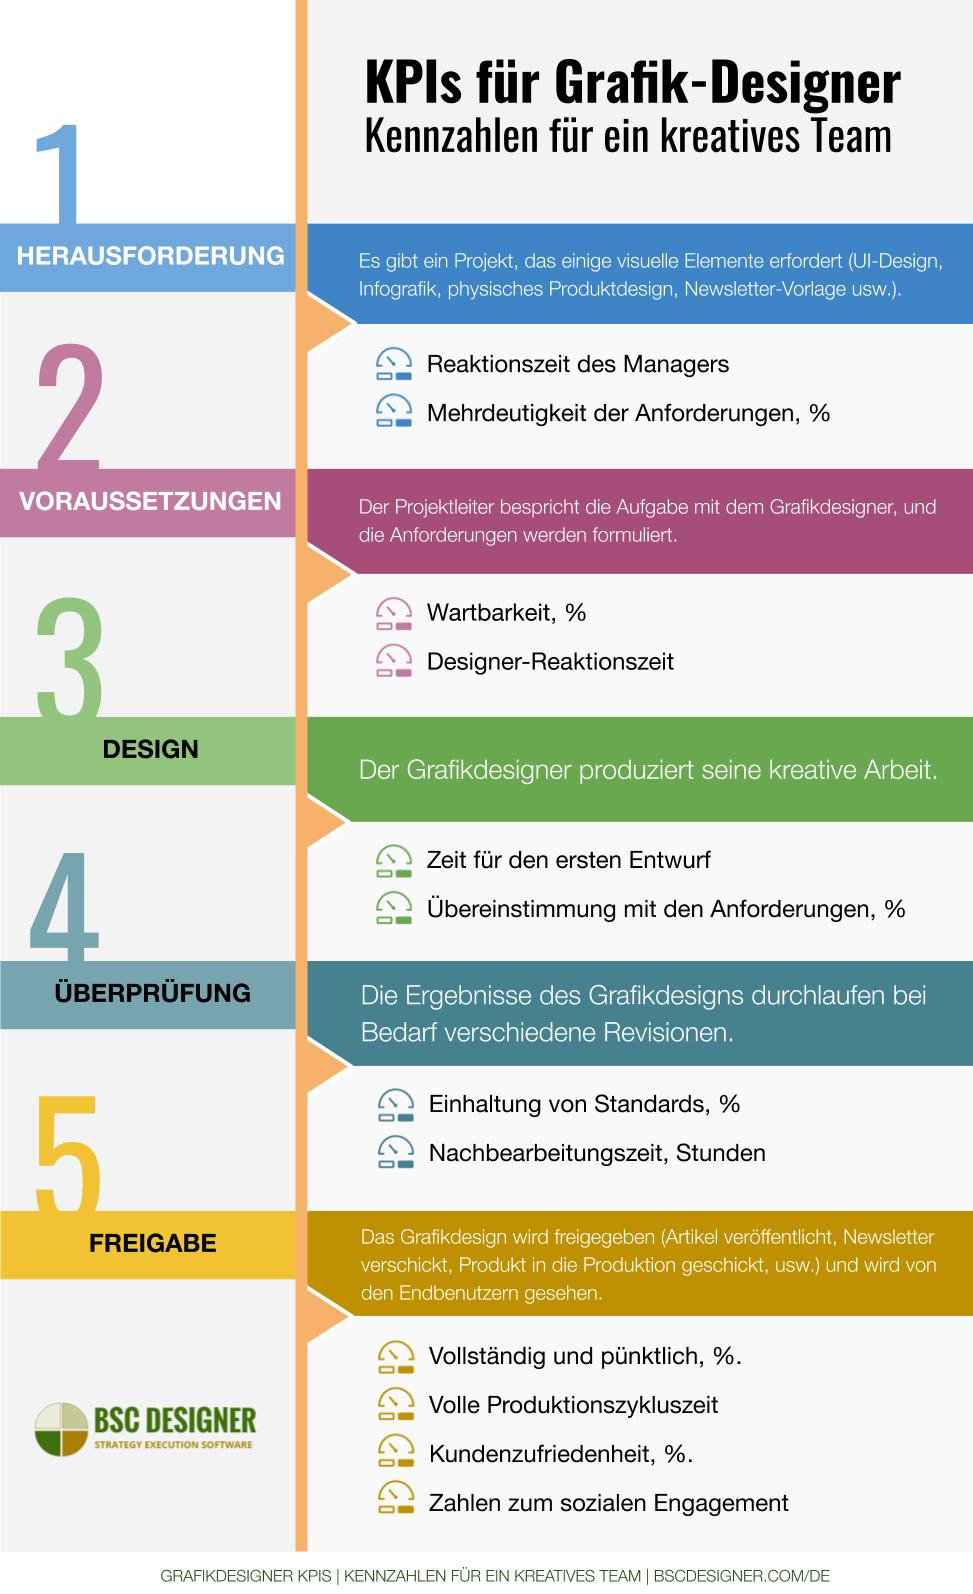 KPIs für Grafik-Designer: Wie man den kreativen Prozess misst.